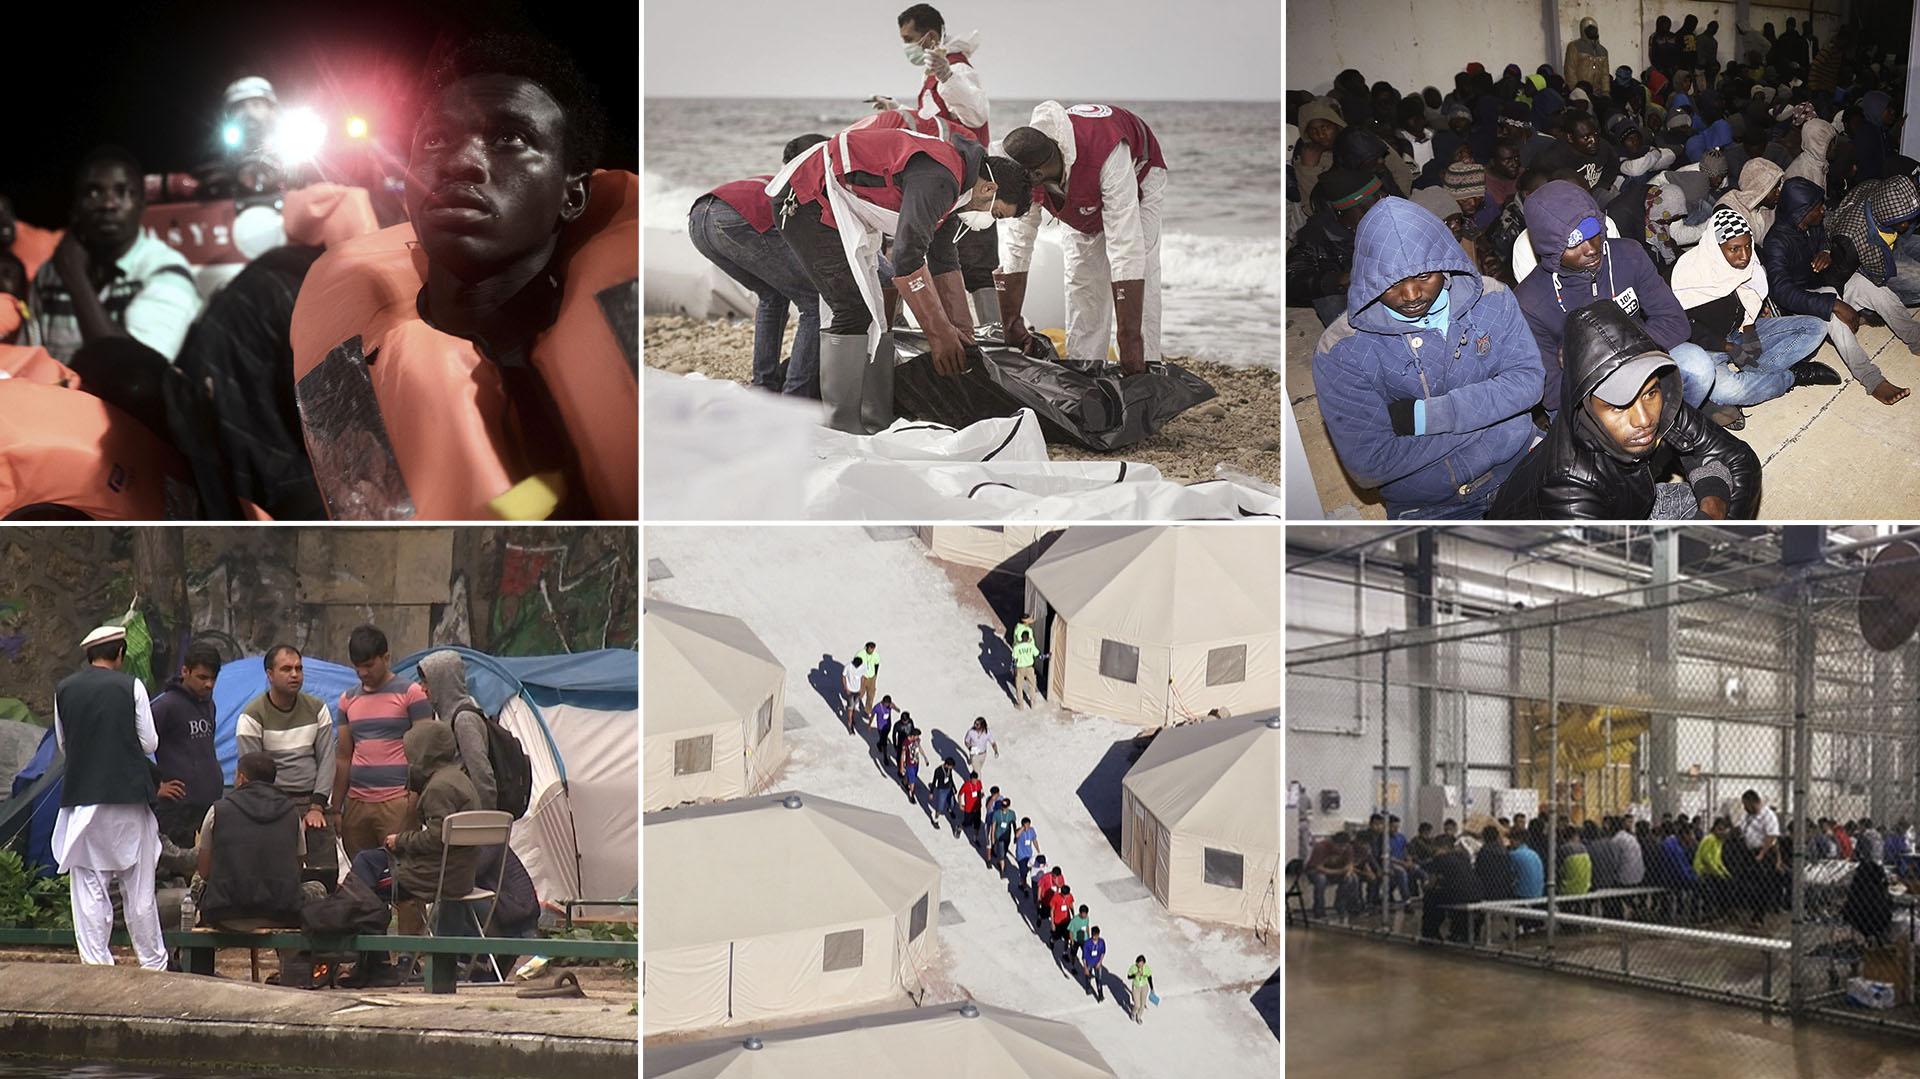 Tres Propuestas Para Resolver El Drama Creciente De Los Inmigrantes